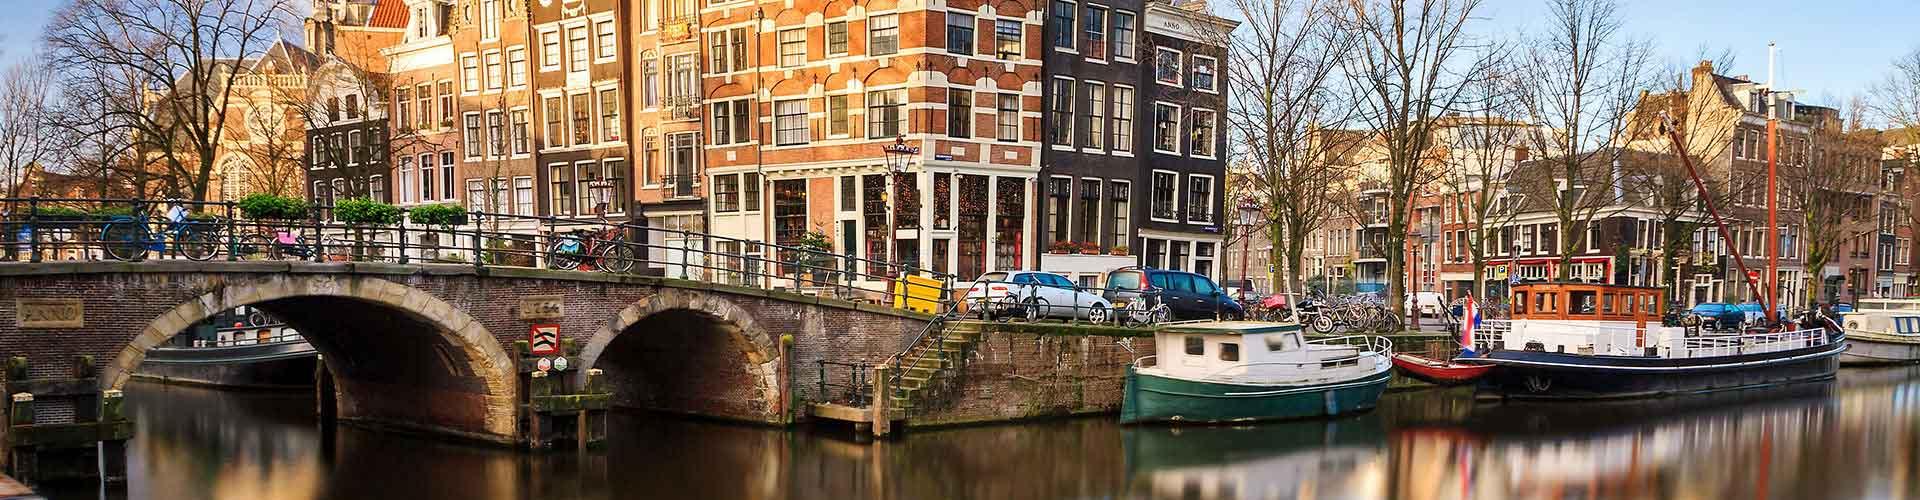 암스테르담 - 암스테르담 홀른드레크트 기차역와 가까운 호스텔. 암스테르담의 지도, 암스테르담에 위치한 호스텔 사진 및 후기 정보.